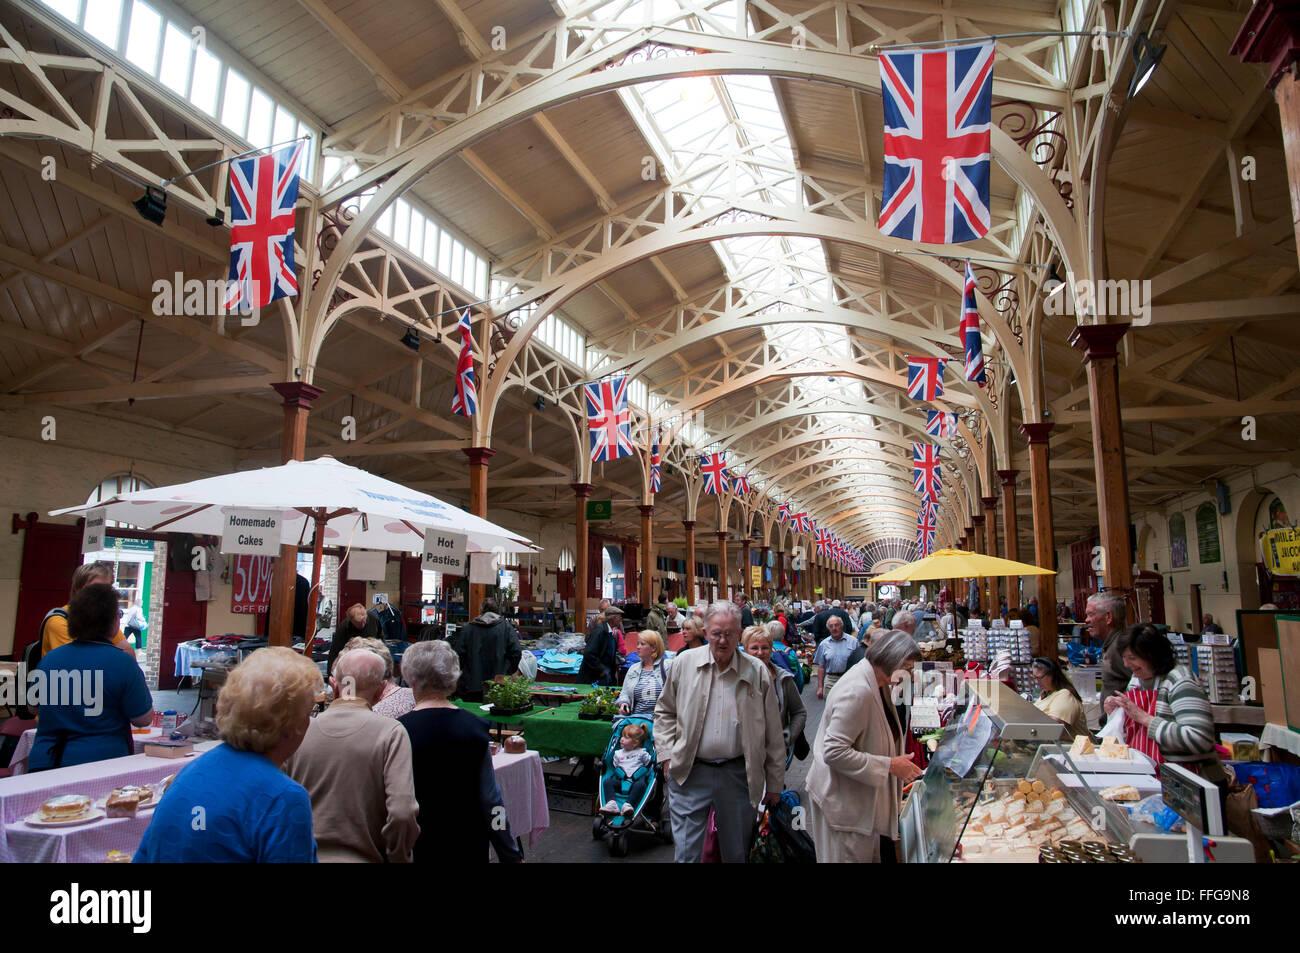 Interno mercato bauletto Barnstaple Devon England Regno Unito Europa Immagini Stock